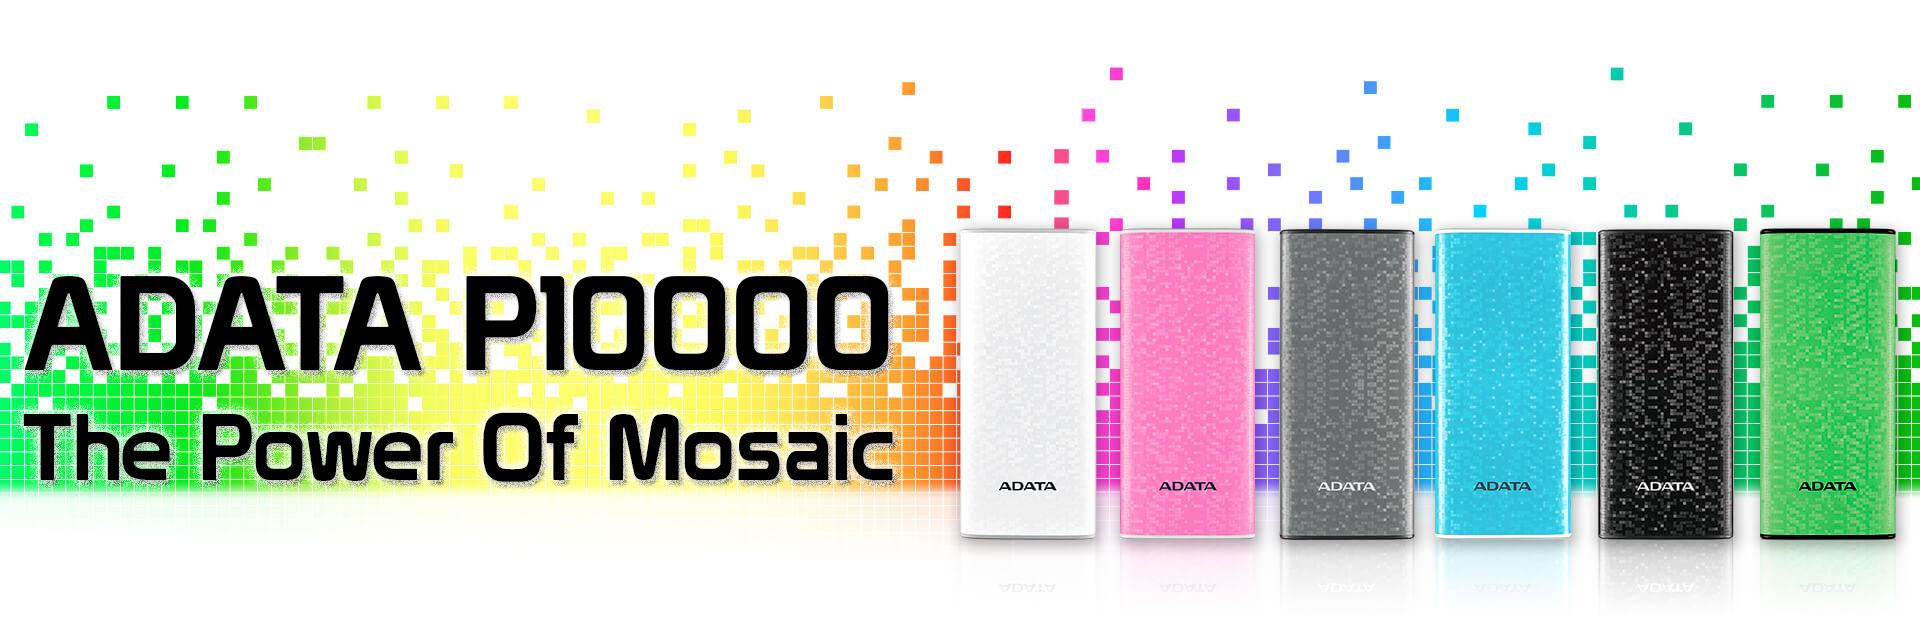 شارژر همراه ای دیتا مدل P10000 ظرفیت 10000 میلی آمپر ساعت